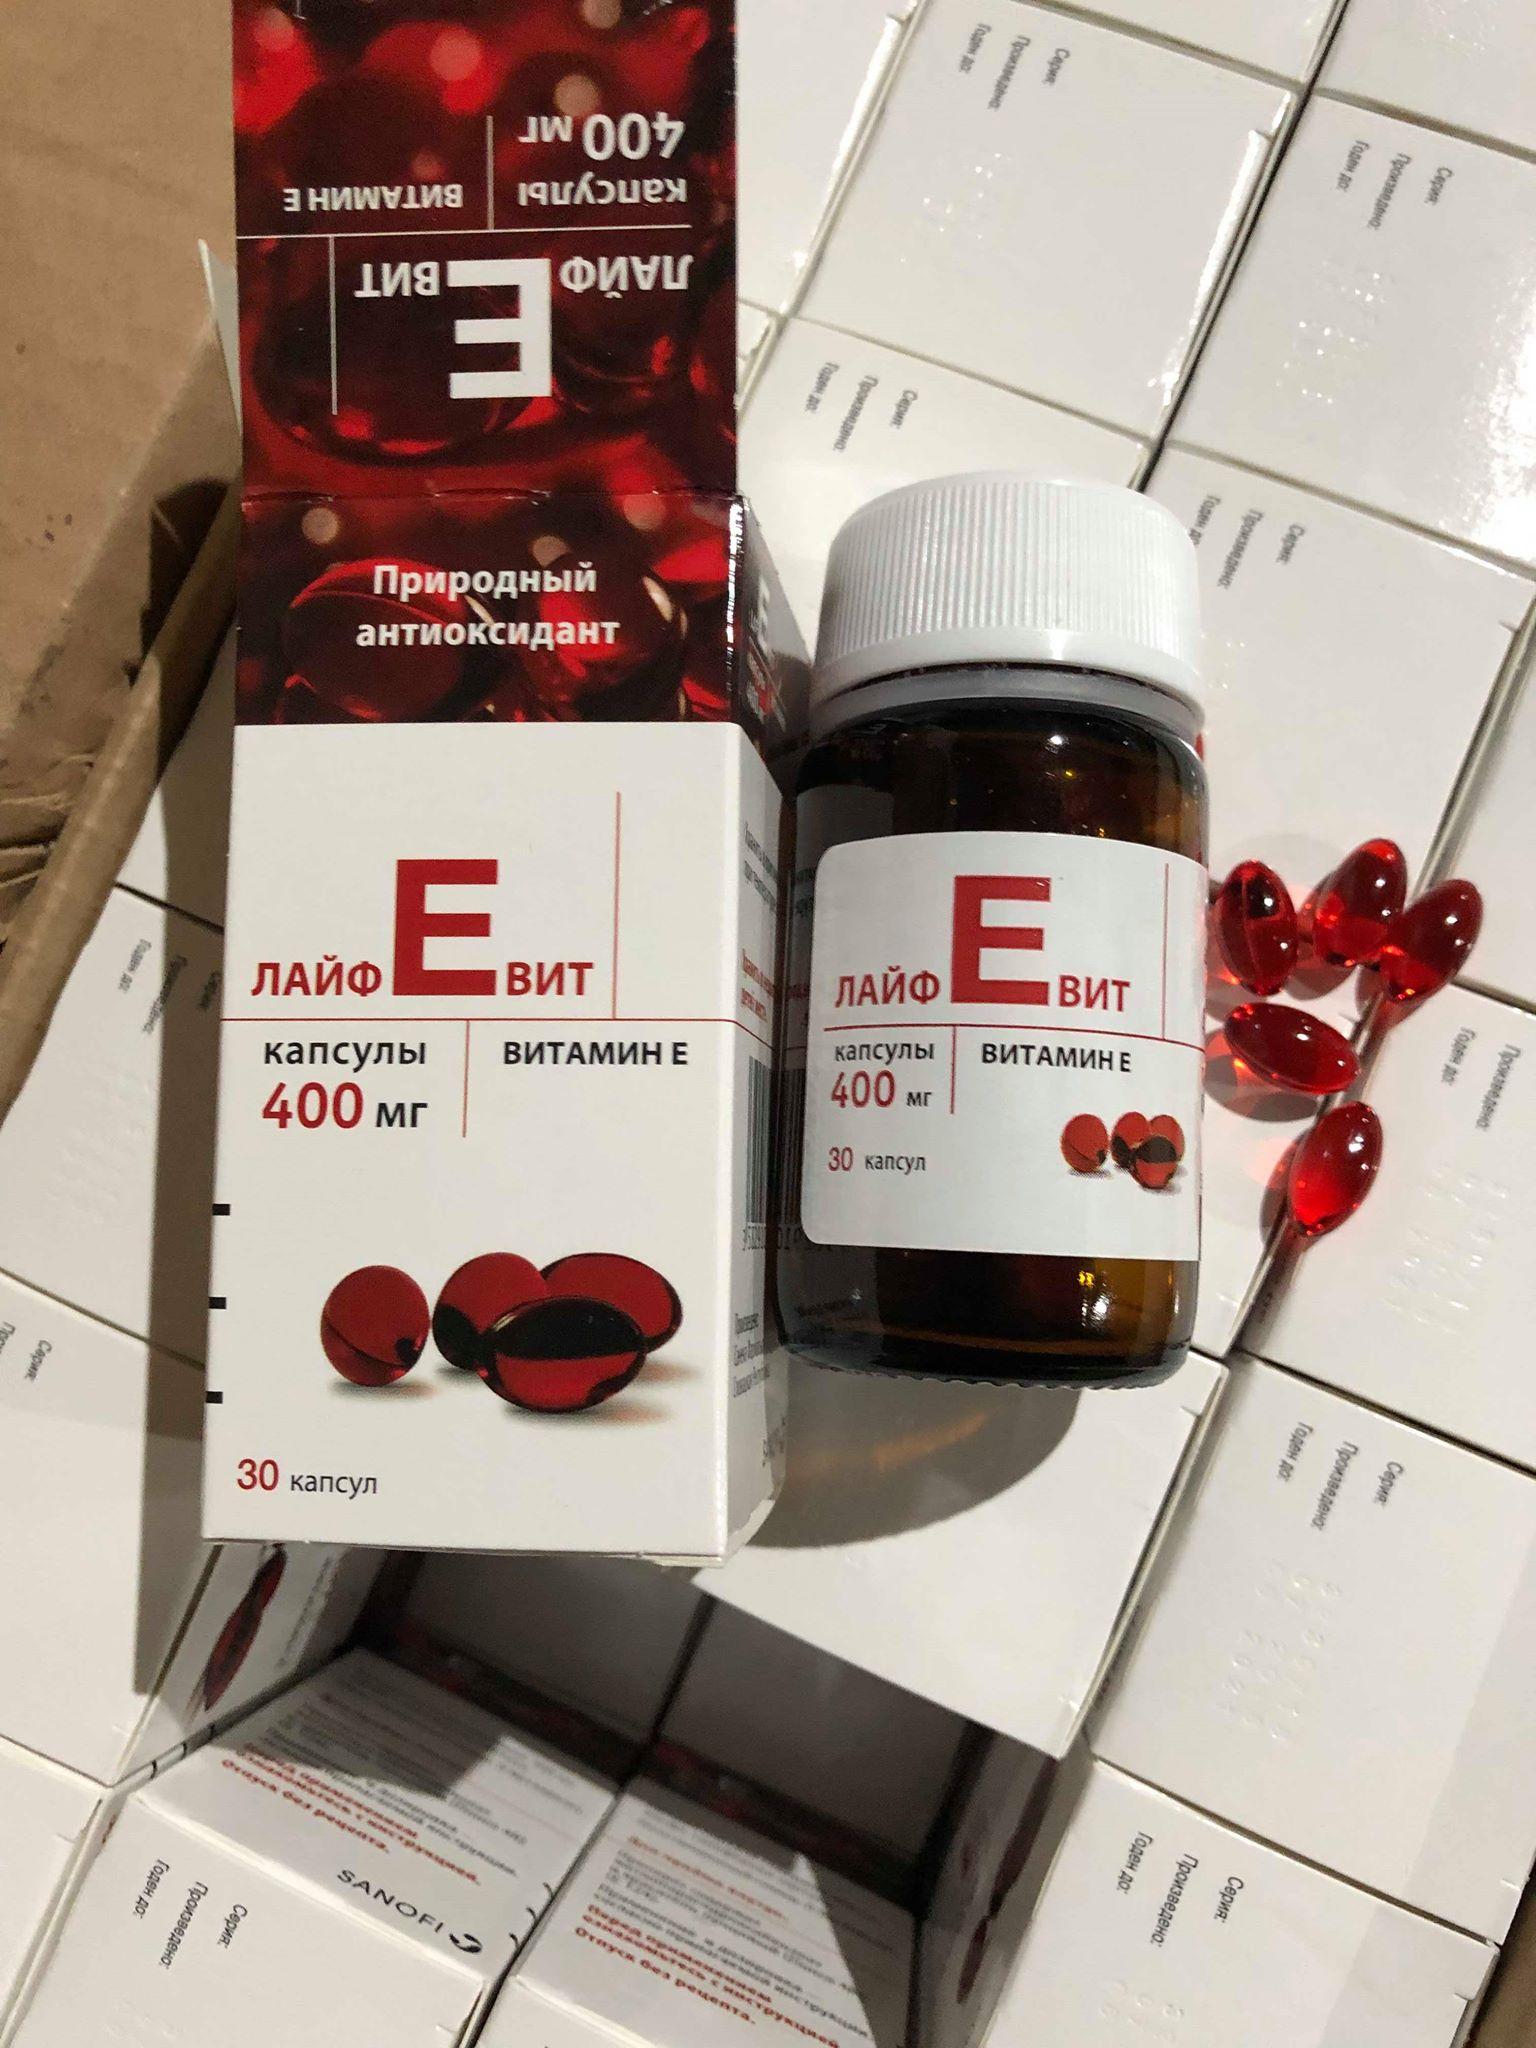 Vitamin E đỏ Nga có tốt không? Review vitamin E đỏ Nga webtretho